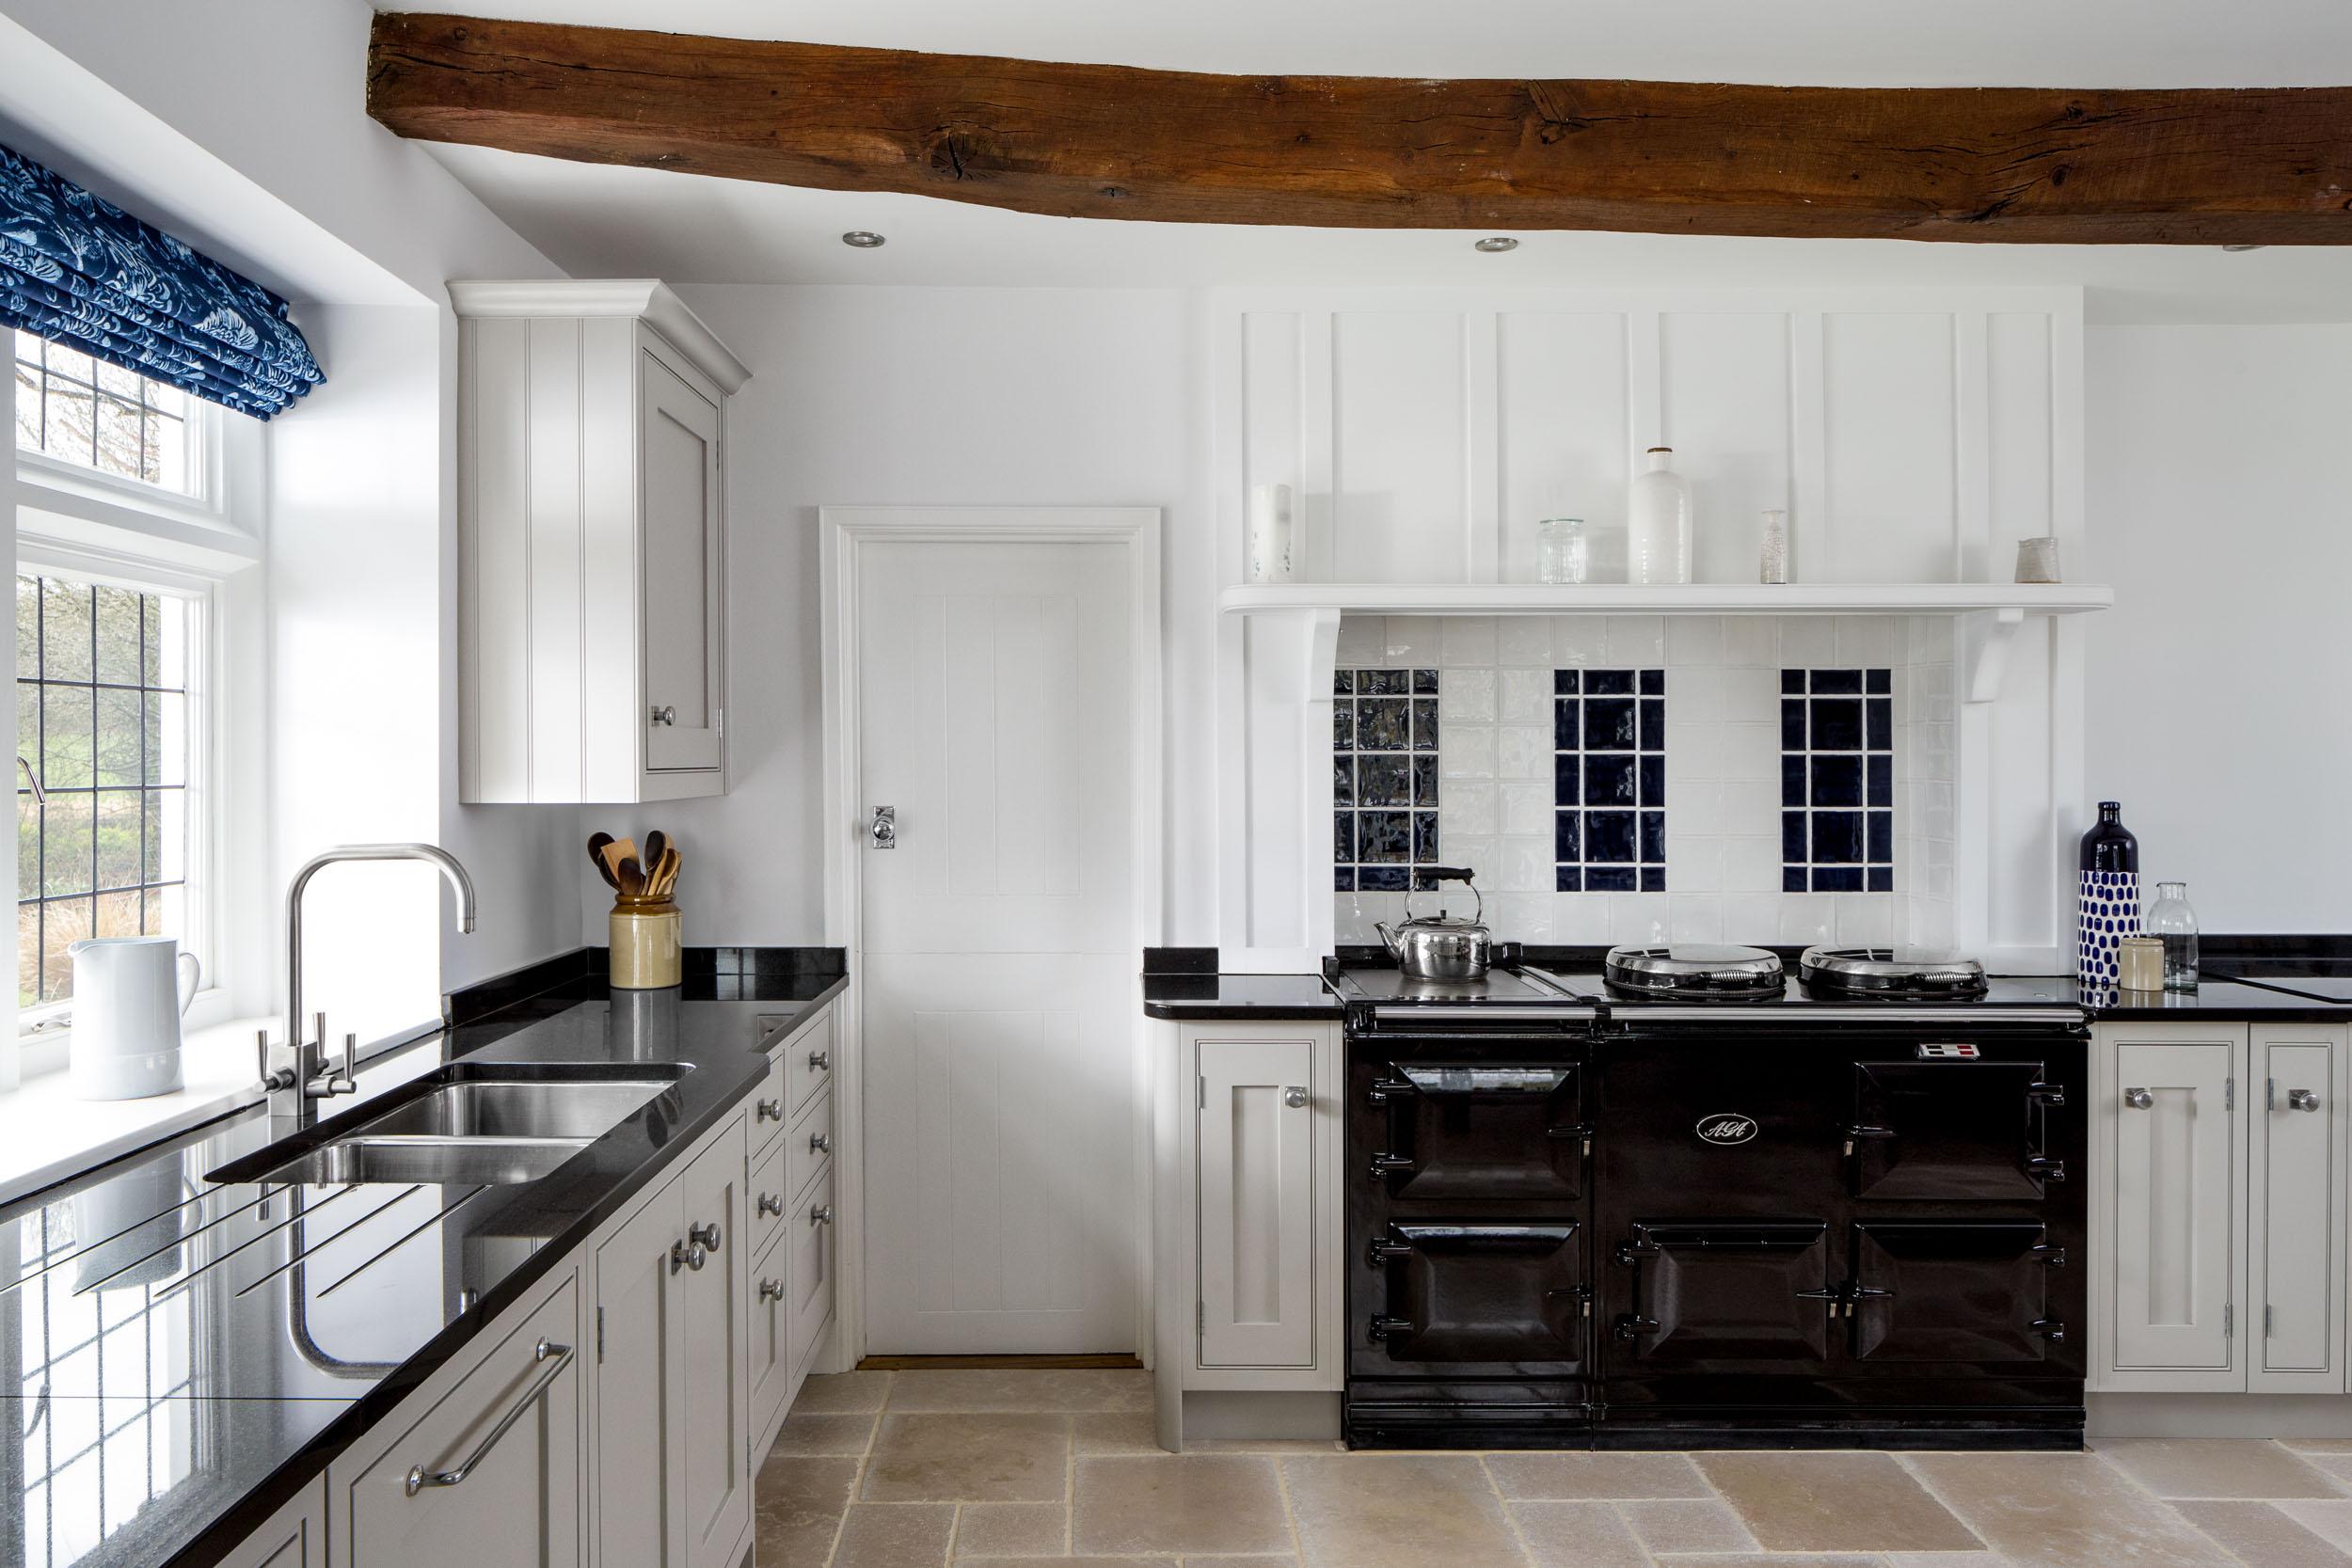 handmade bespoke kitchen interior west yorkshire hebden bridge lancaster.jpg